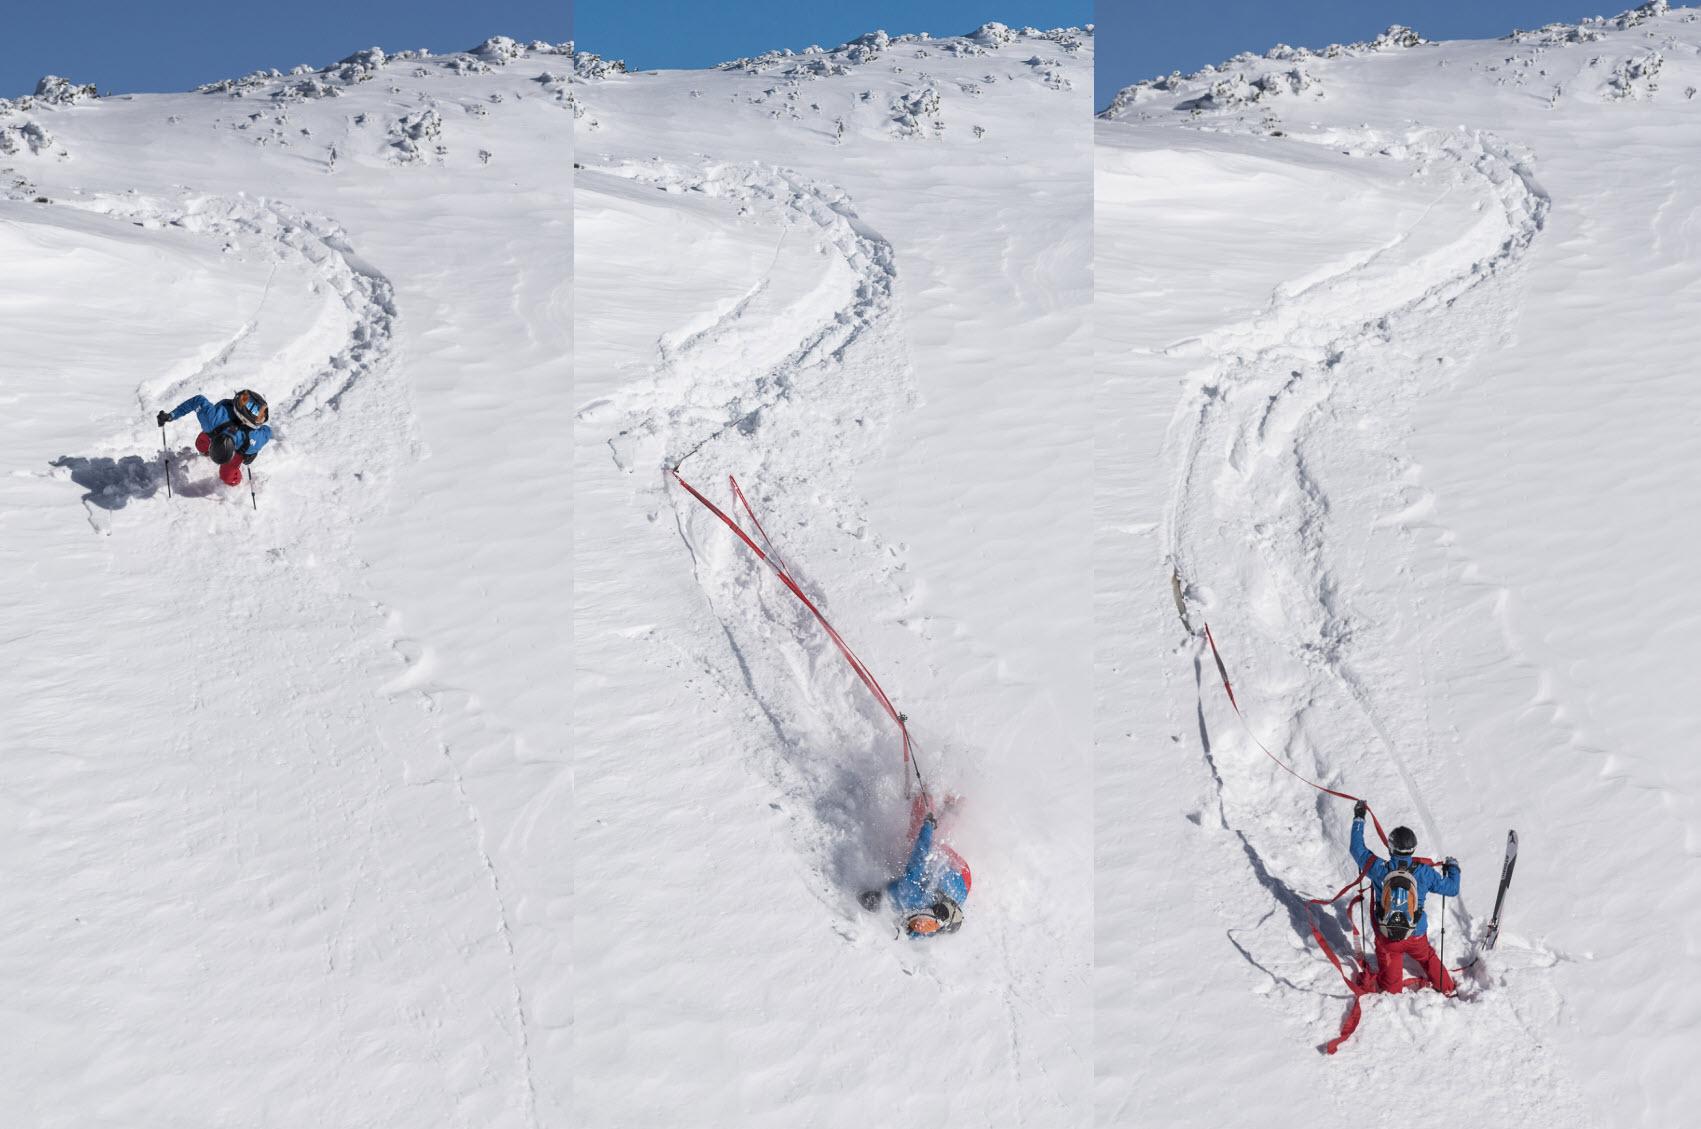 Wenn die Bindung aufgeht zieht der Ski die find---me Tiefschneebänder aus den kleinen Taschen am Fuß. Ski kann man meist einfach runterziehen.